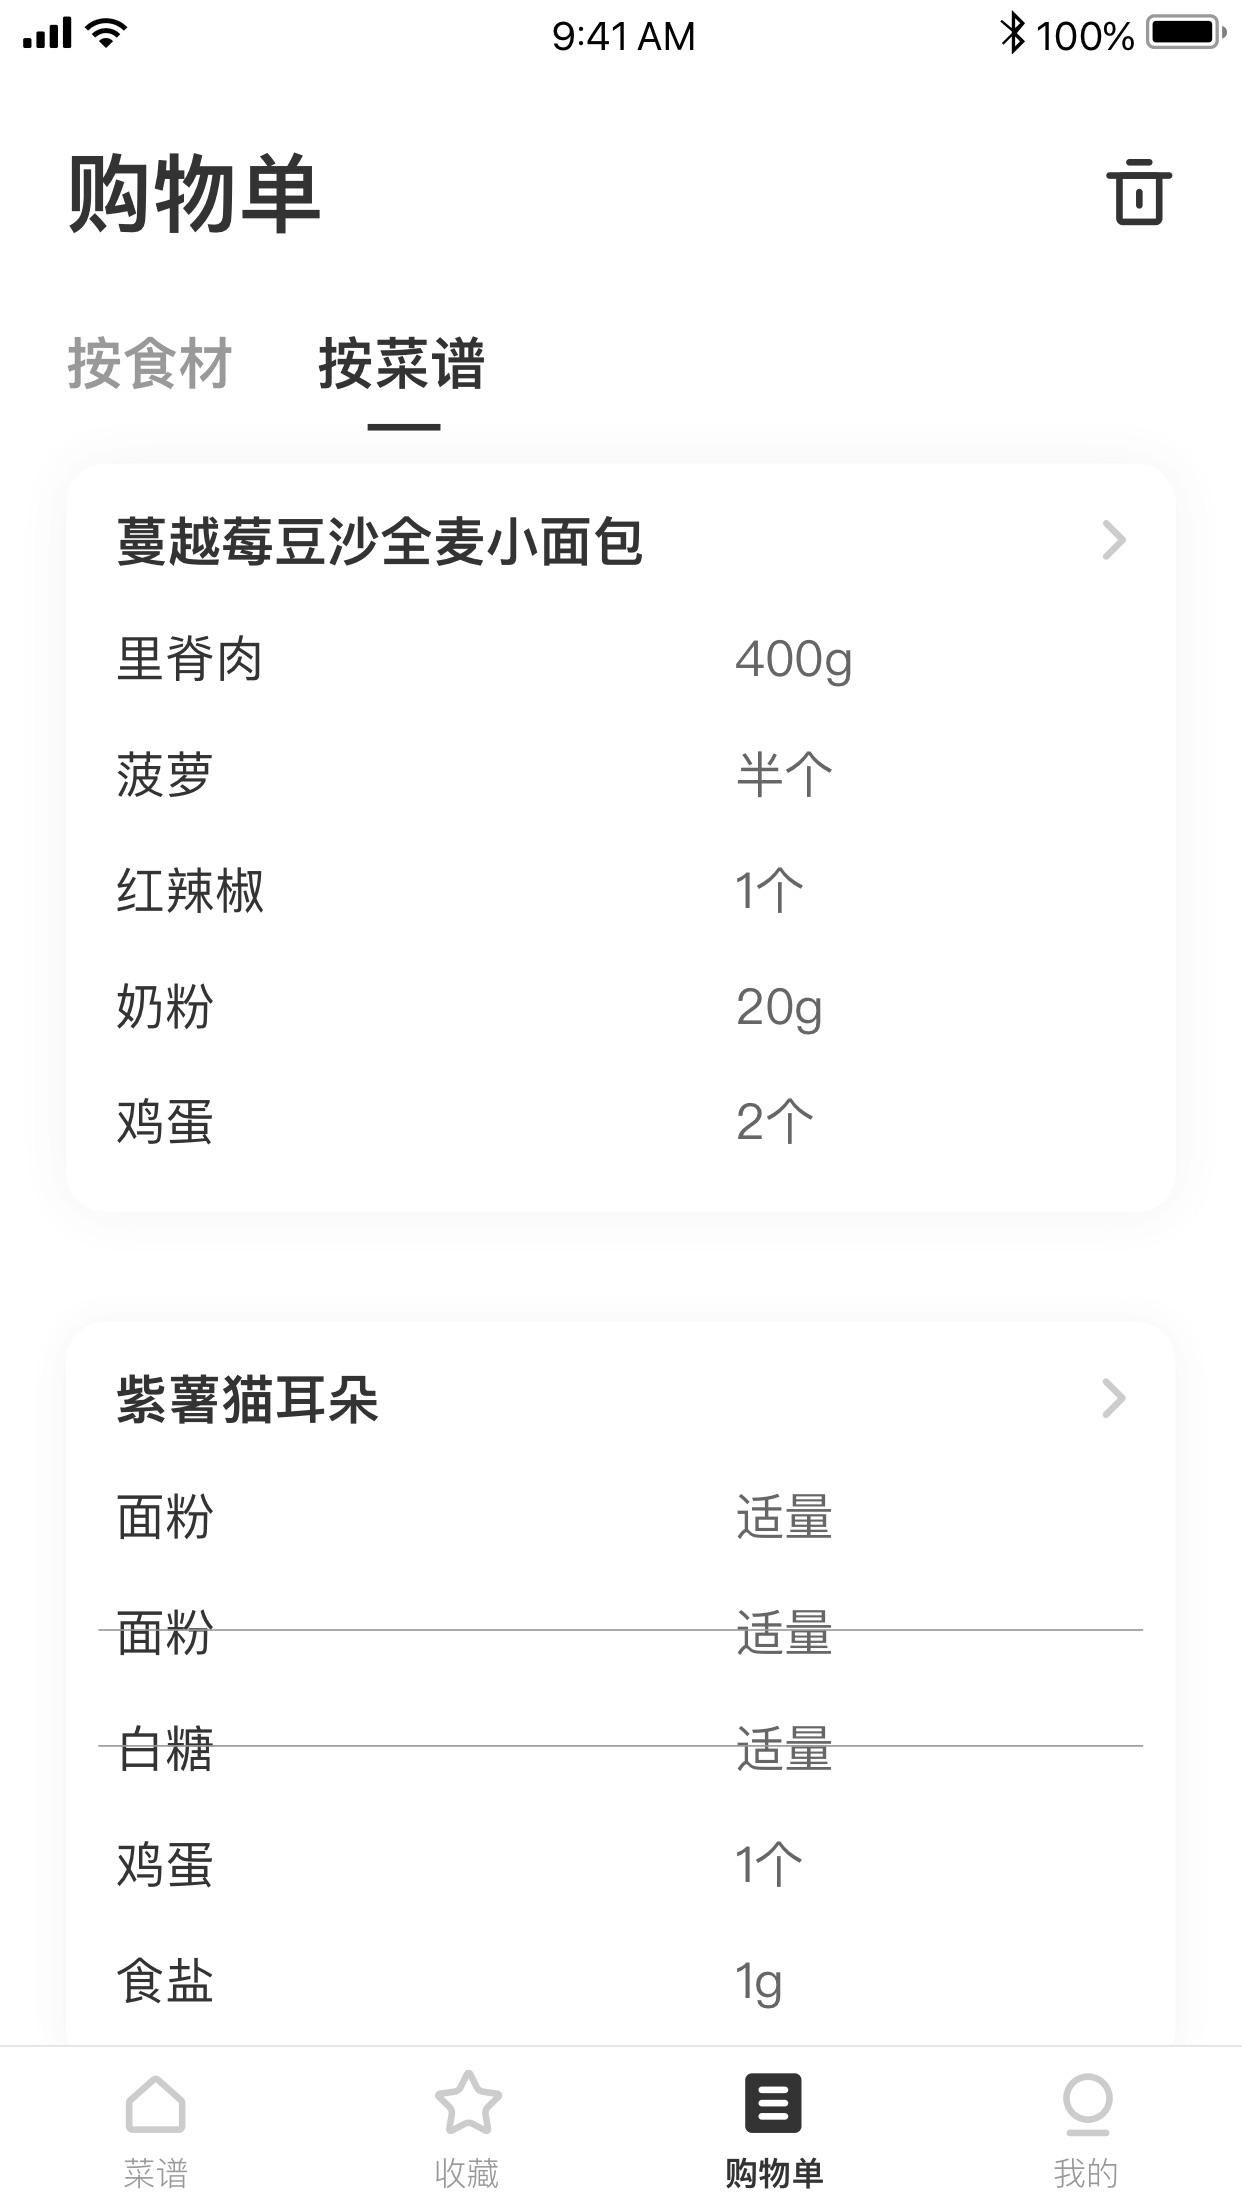 豆果健康早餐-营养早餐食谱大全 Screenshot